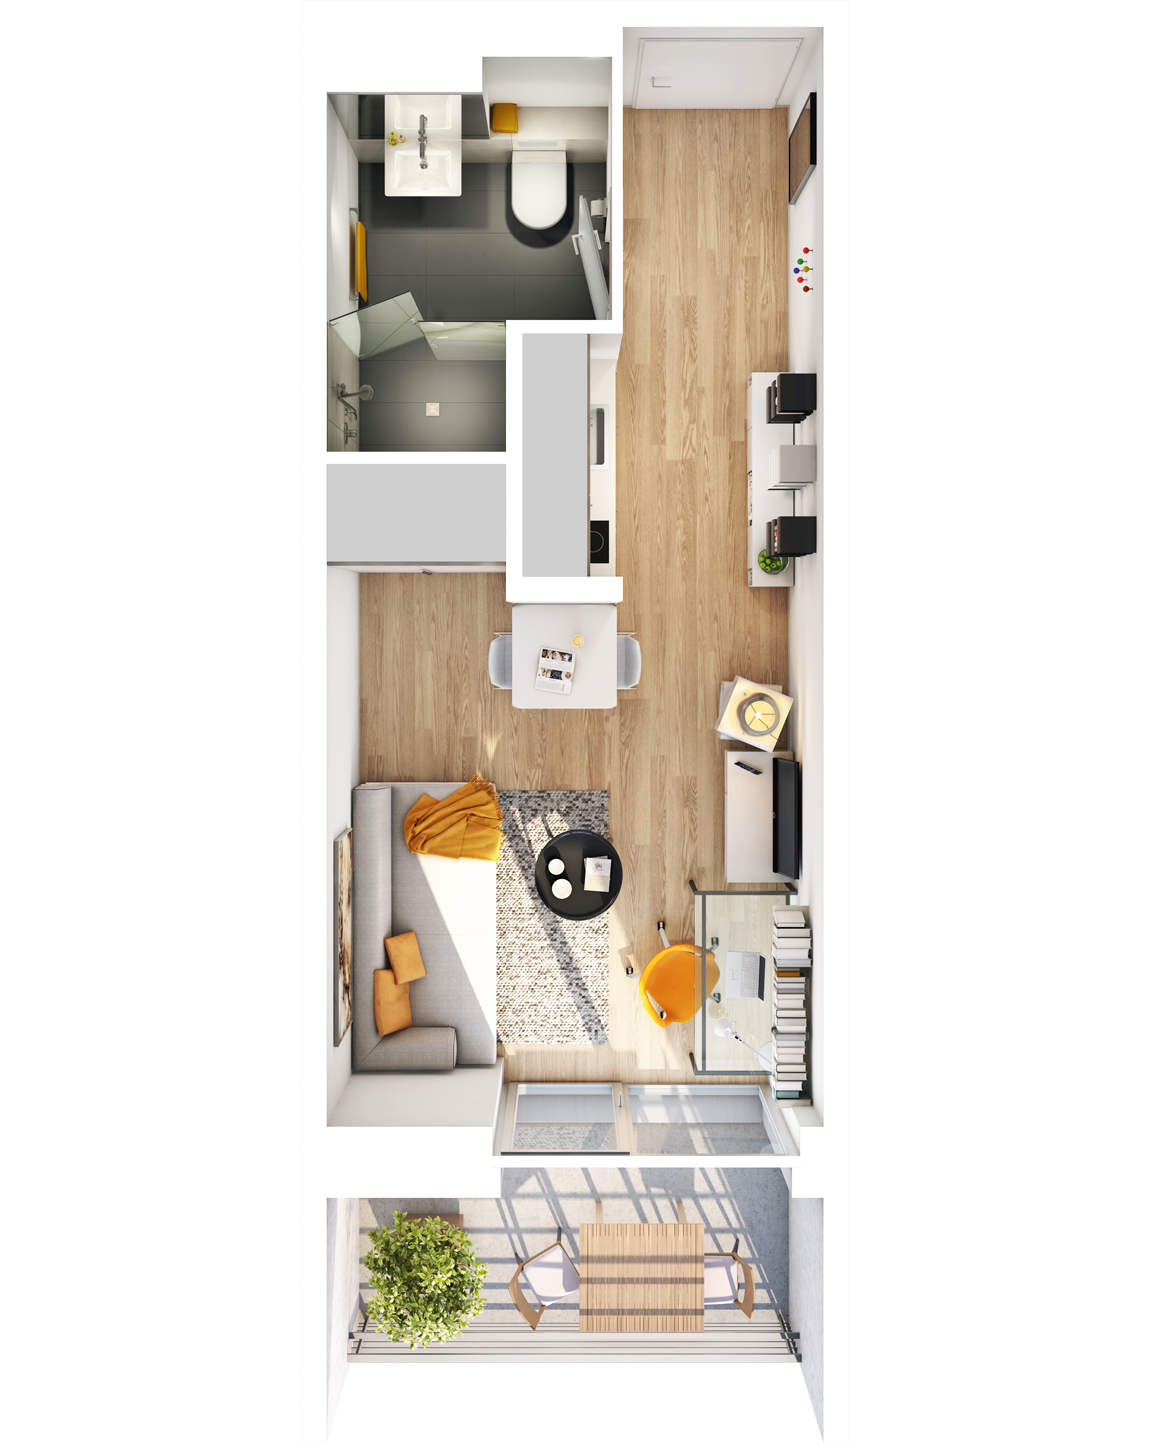 Visualisierung Beispiel 1-Zimmer-Wohnung Typ A mit Bad, Küchenzeile, Wohnbereich und Balkon im studiosus 5 Apartmenthaus in Augsburg